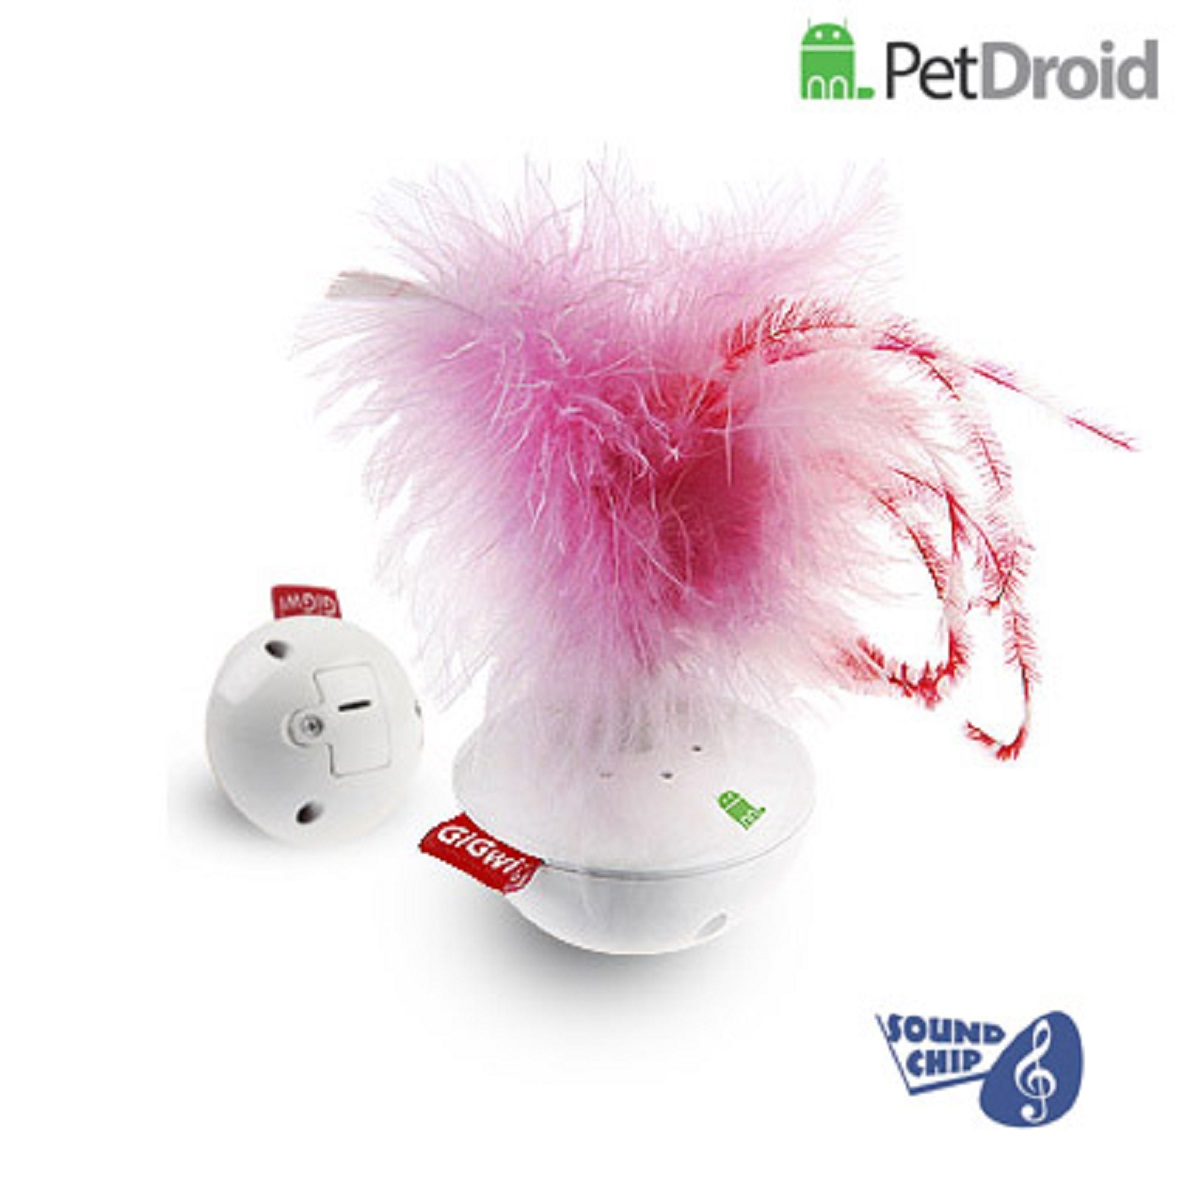 Электронная игрушка для кошек GiGwi Pet Droid Фезер Воблер75315Игрушка для кошек GiGwi , выполненная из пластика и перьев, не позволит заскучать вашему пушистому питомцу. Играя с этой забавной игрушкой, маленькие котята развиваются физически, а взрослые кошки и коты поддерживают свой мышечный тонус. При касании лапами игрушка издает звуки похожие на чириканье птиц. Такая игрушка порадует вашего любимца, а вам доставит массу приятных эмоций, ведь наблюдать за игрой всегда интересно и приятно.